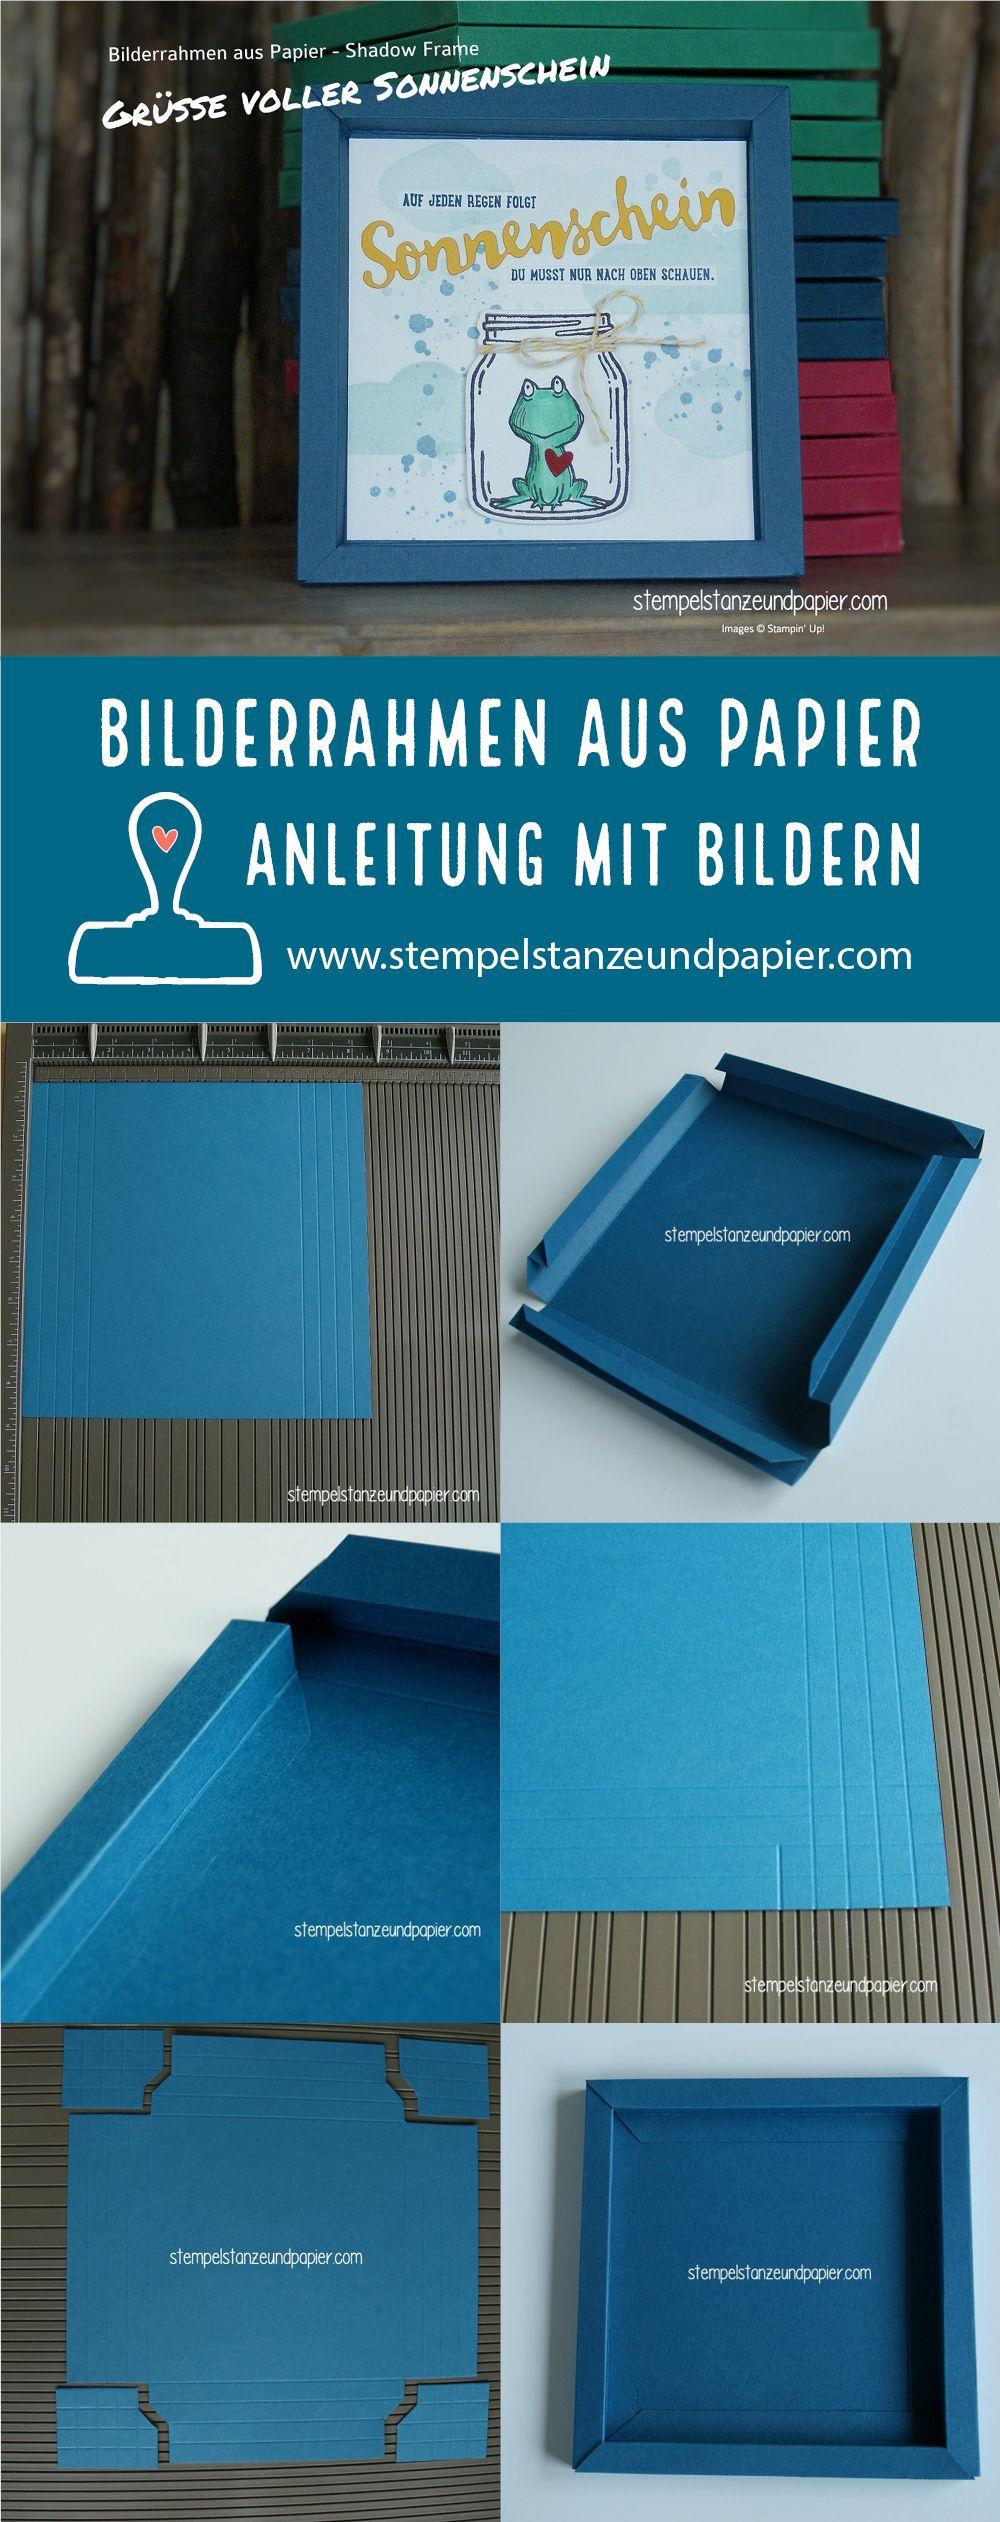 Anleitung für einen Bilderrahmen aus Papier – Stempel, Stanze und Papier